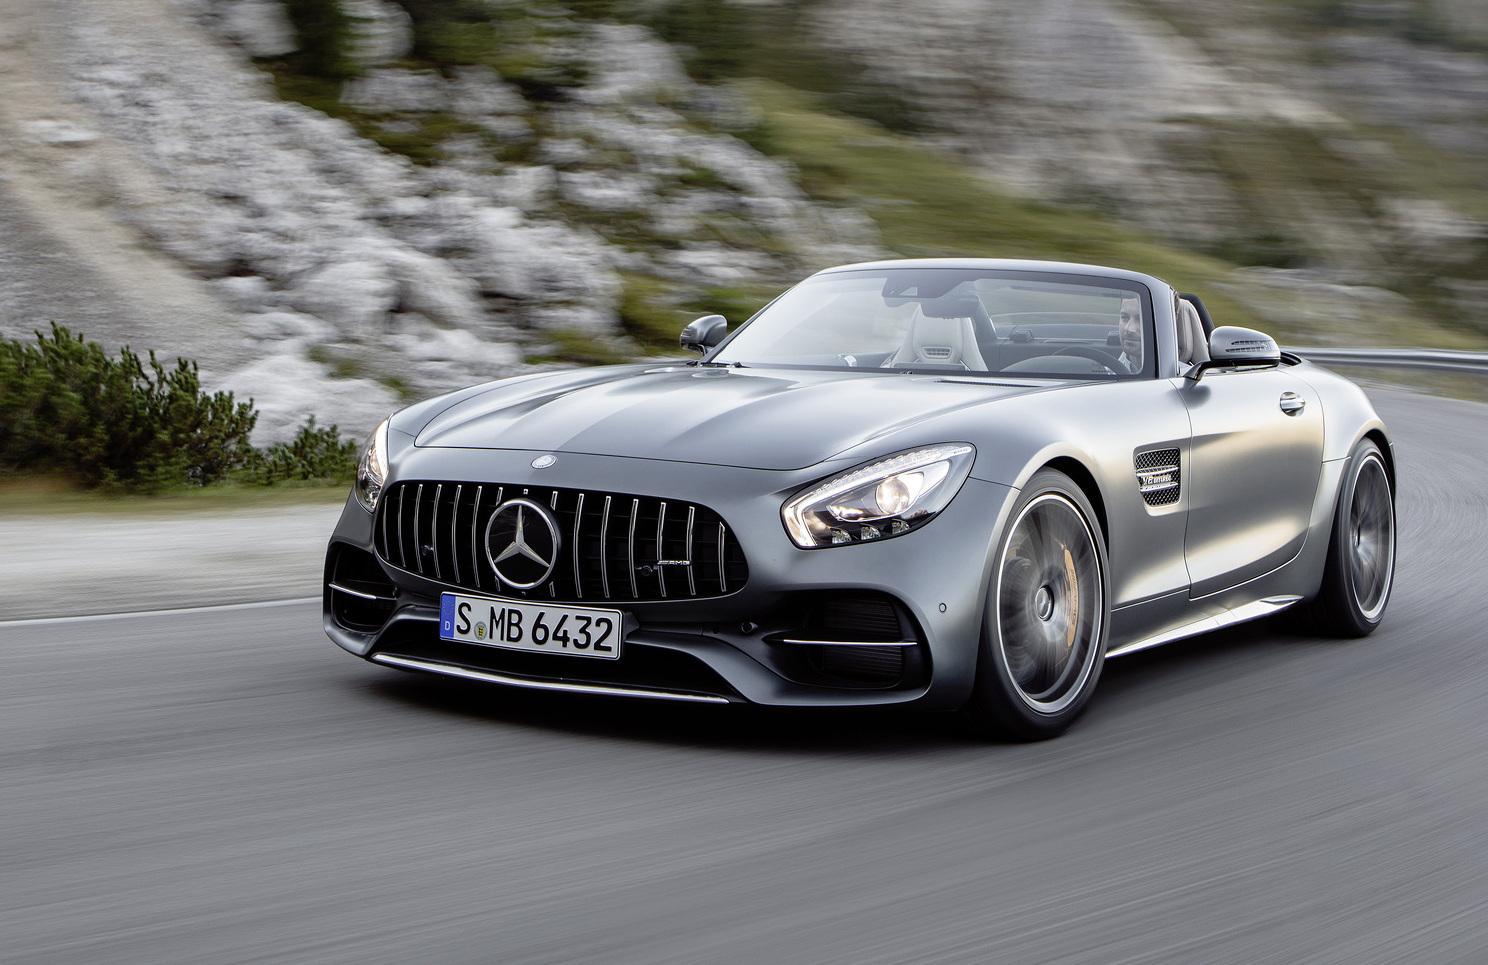 Названы цены на улучшенный Mercedes-AMGGT в РФ